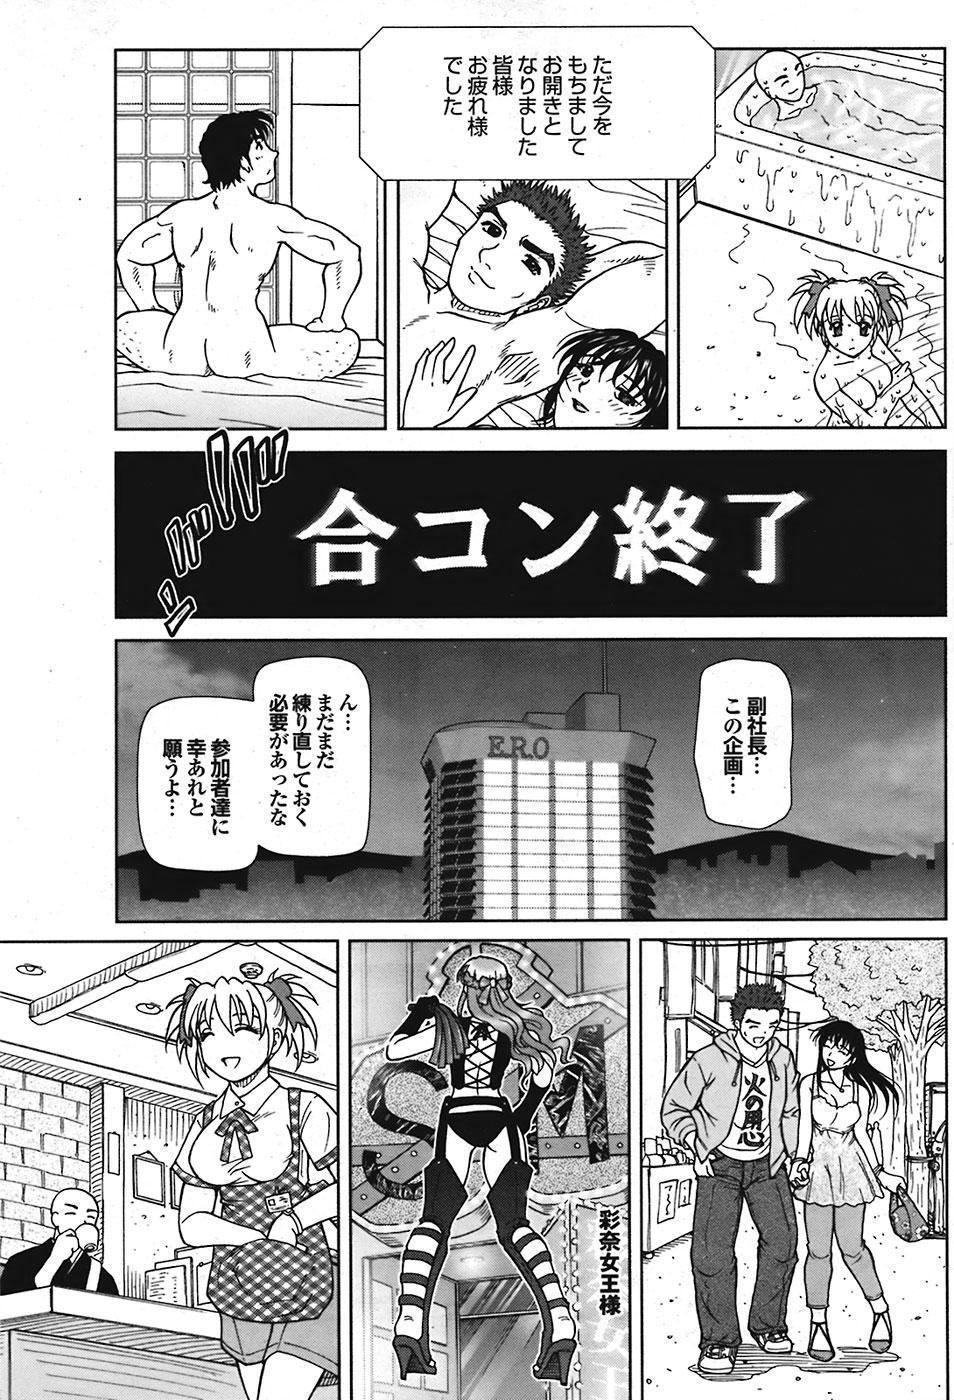 Comic Purumelo 2008-10 Vol.22 198